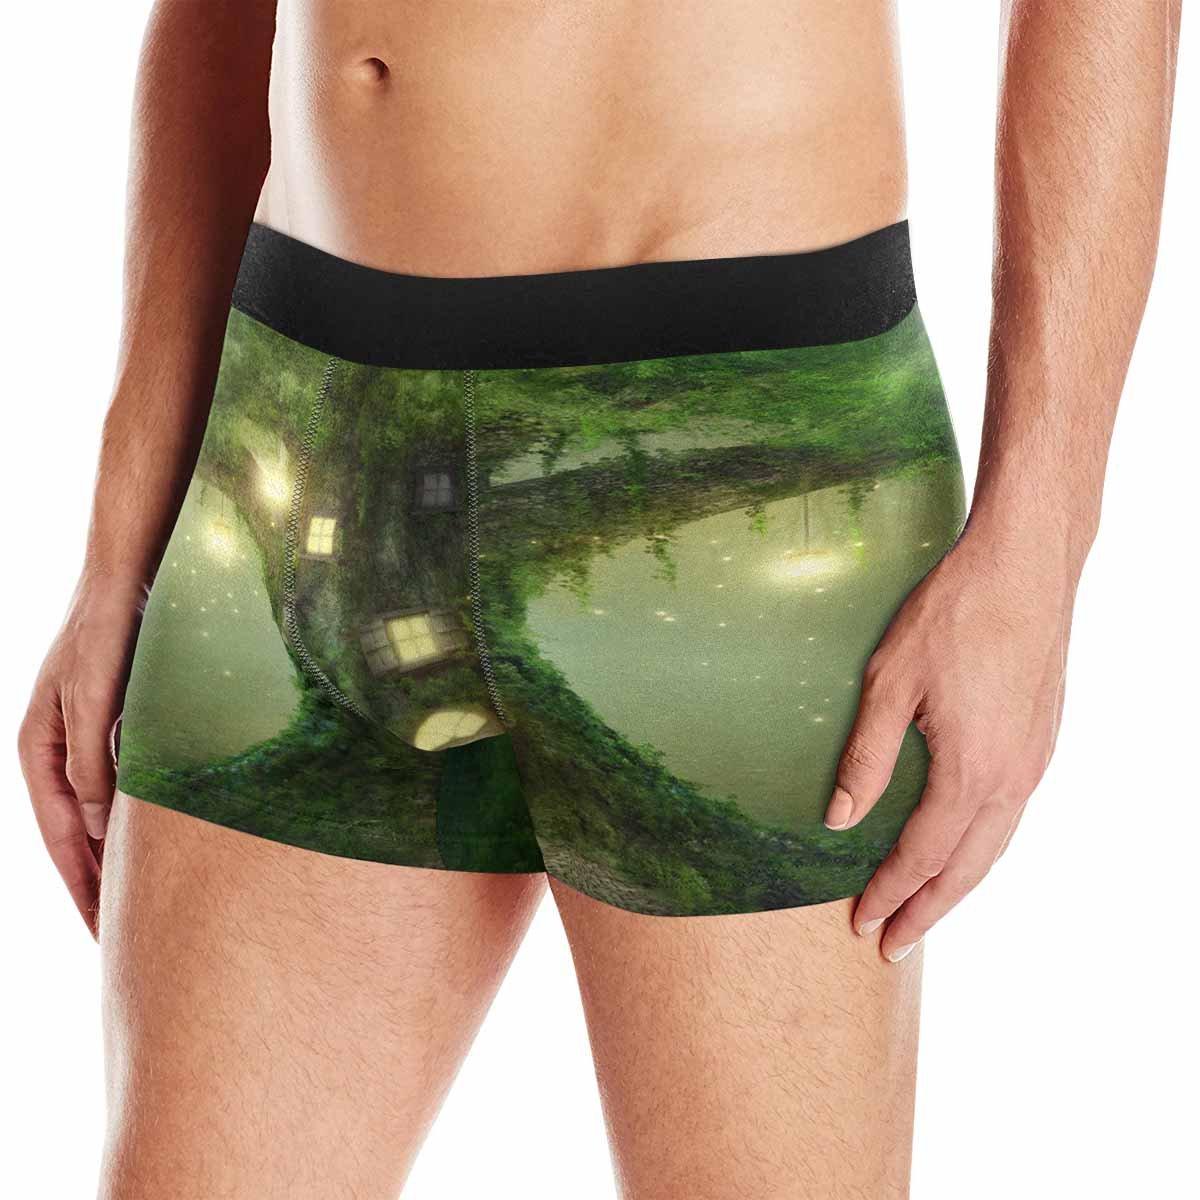 INTERESTPRINT Mens Boxer Briefs Underwear Fantasy Tree House in Forest XS-3XL